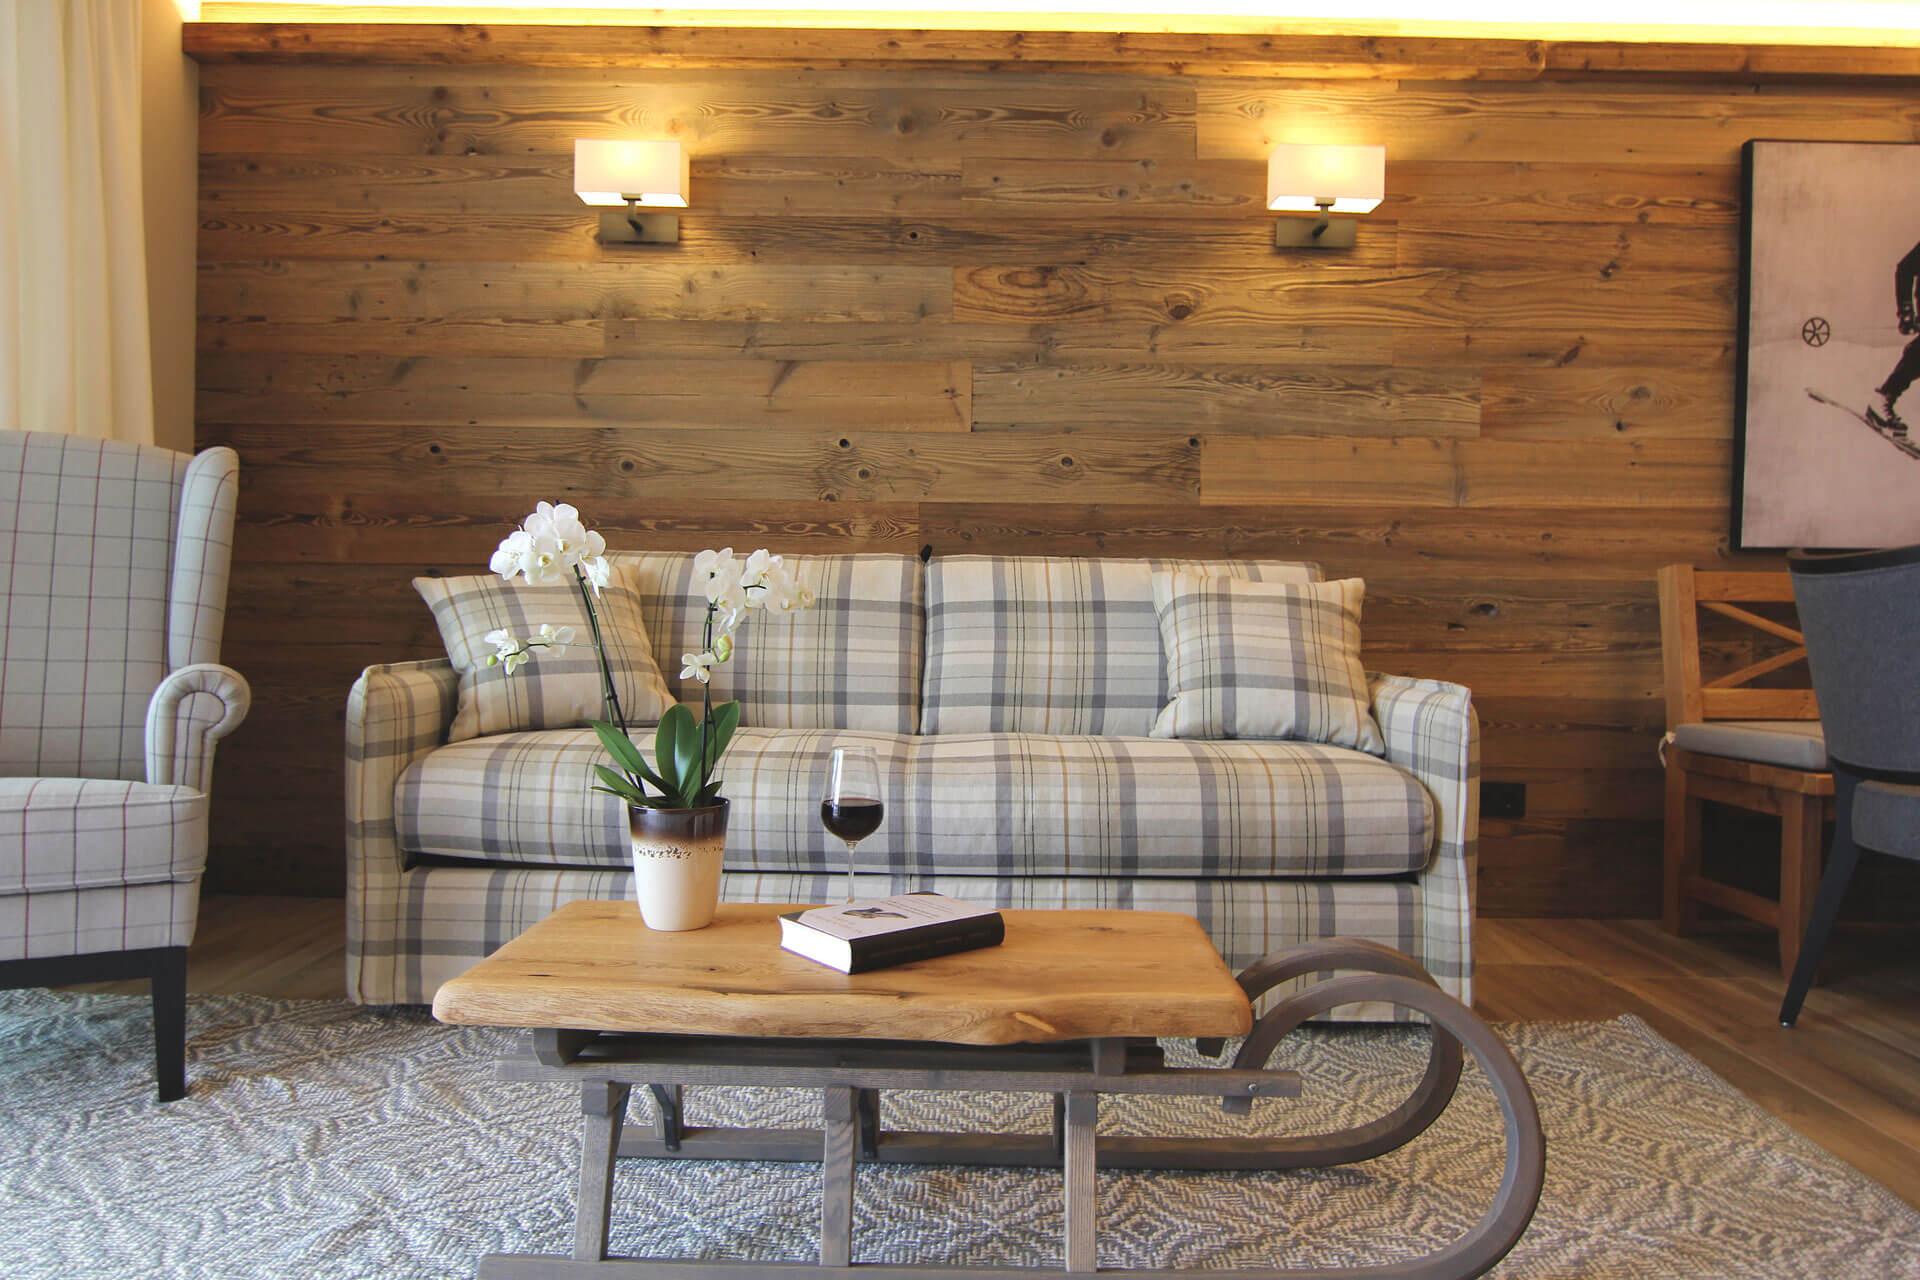 Wohnzimmertisch mit Glas Wein darauf in der Alpenrosen Lodge im Almlodge Westendorf